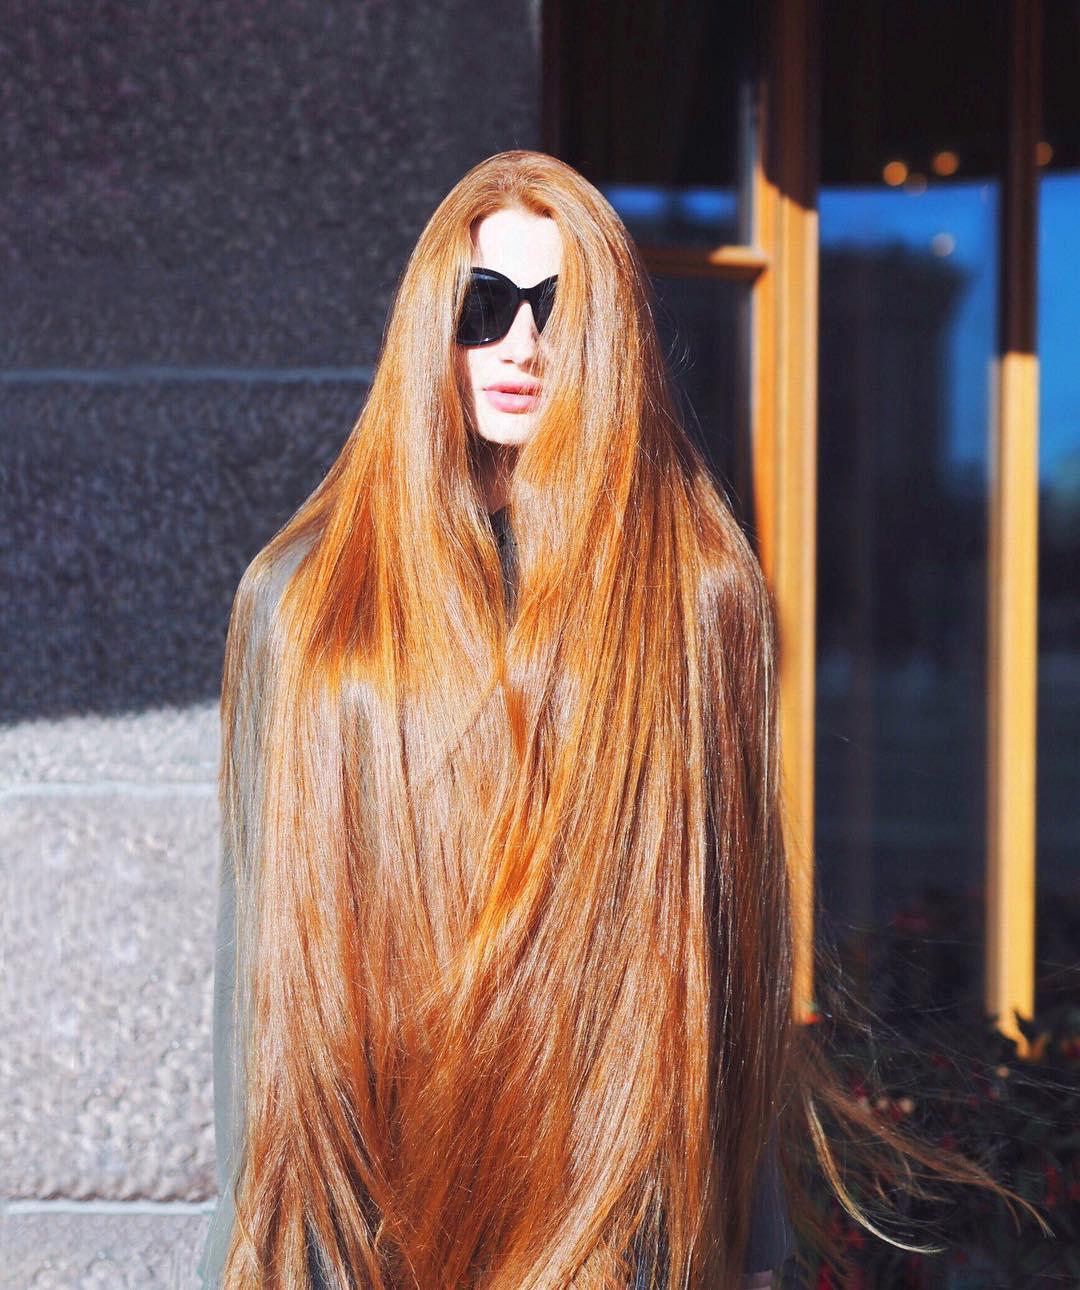 Девушка которая страдала от алопеции, смогла победить болезнь и отрастить красивые длинные волосы